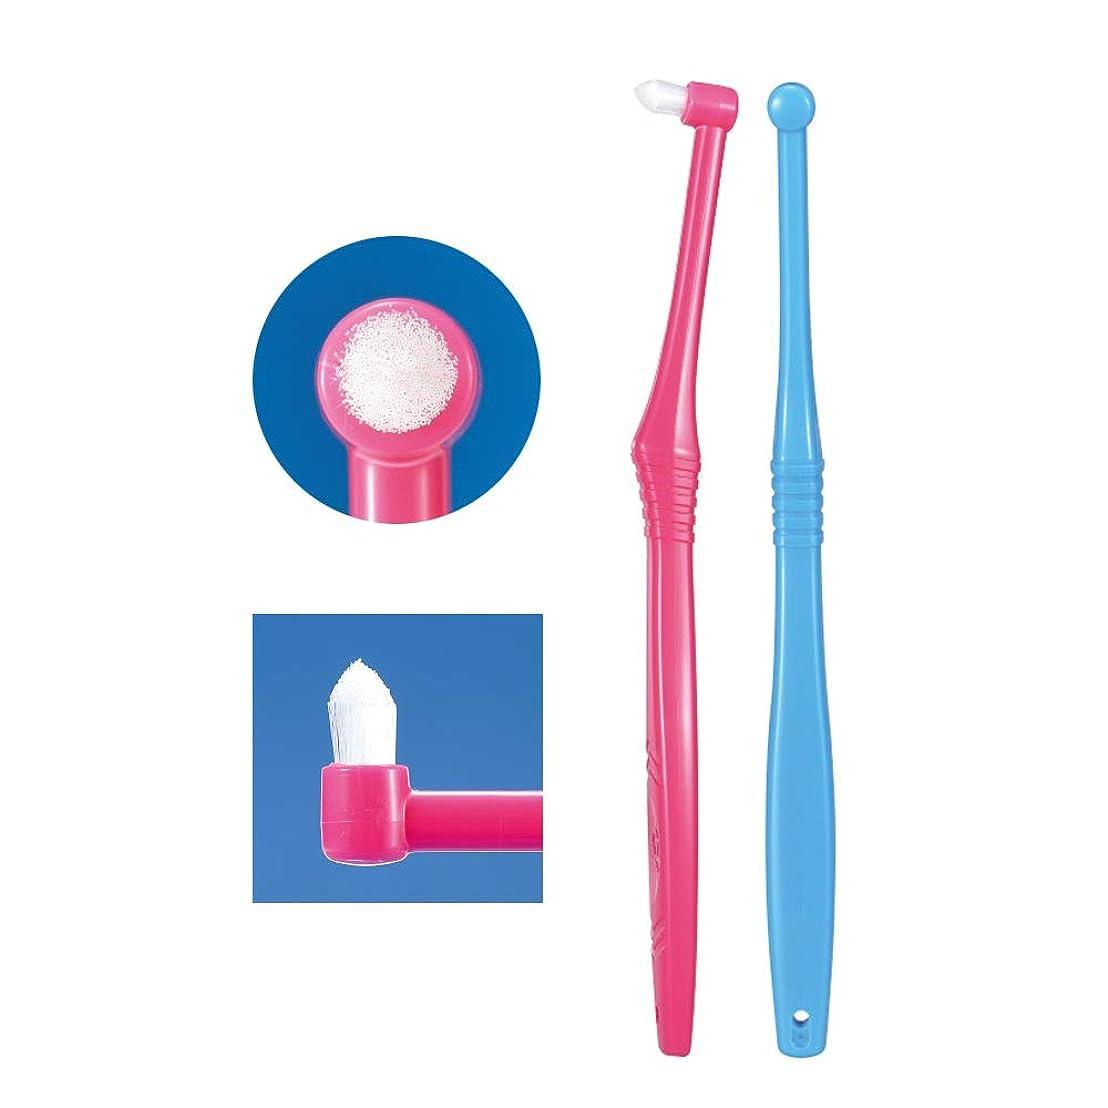 十分ではないほめる増強するCi PROワンタフト 1本 ラージヘッド S(やわらかめ) ポイント磨き 歯科専売品